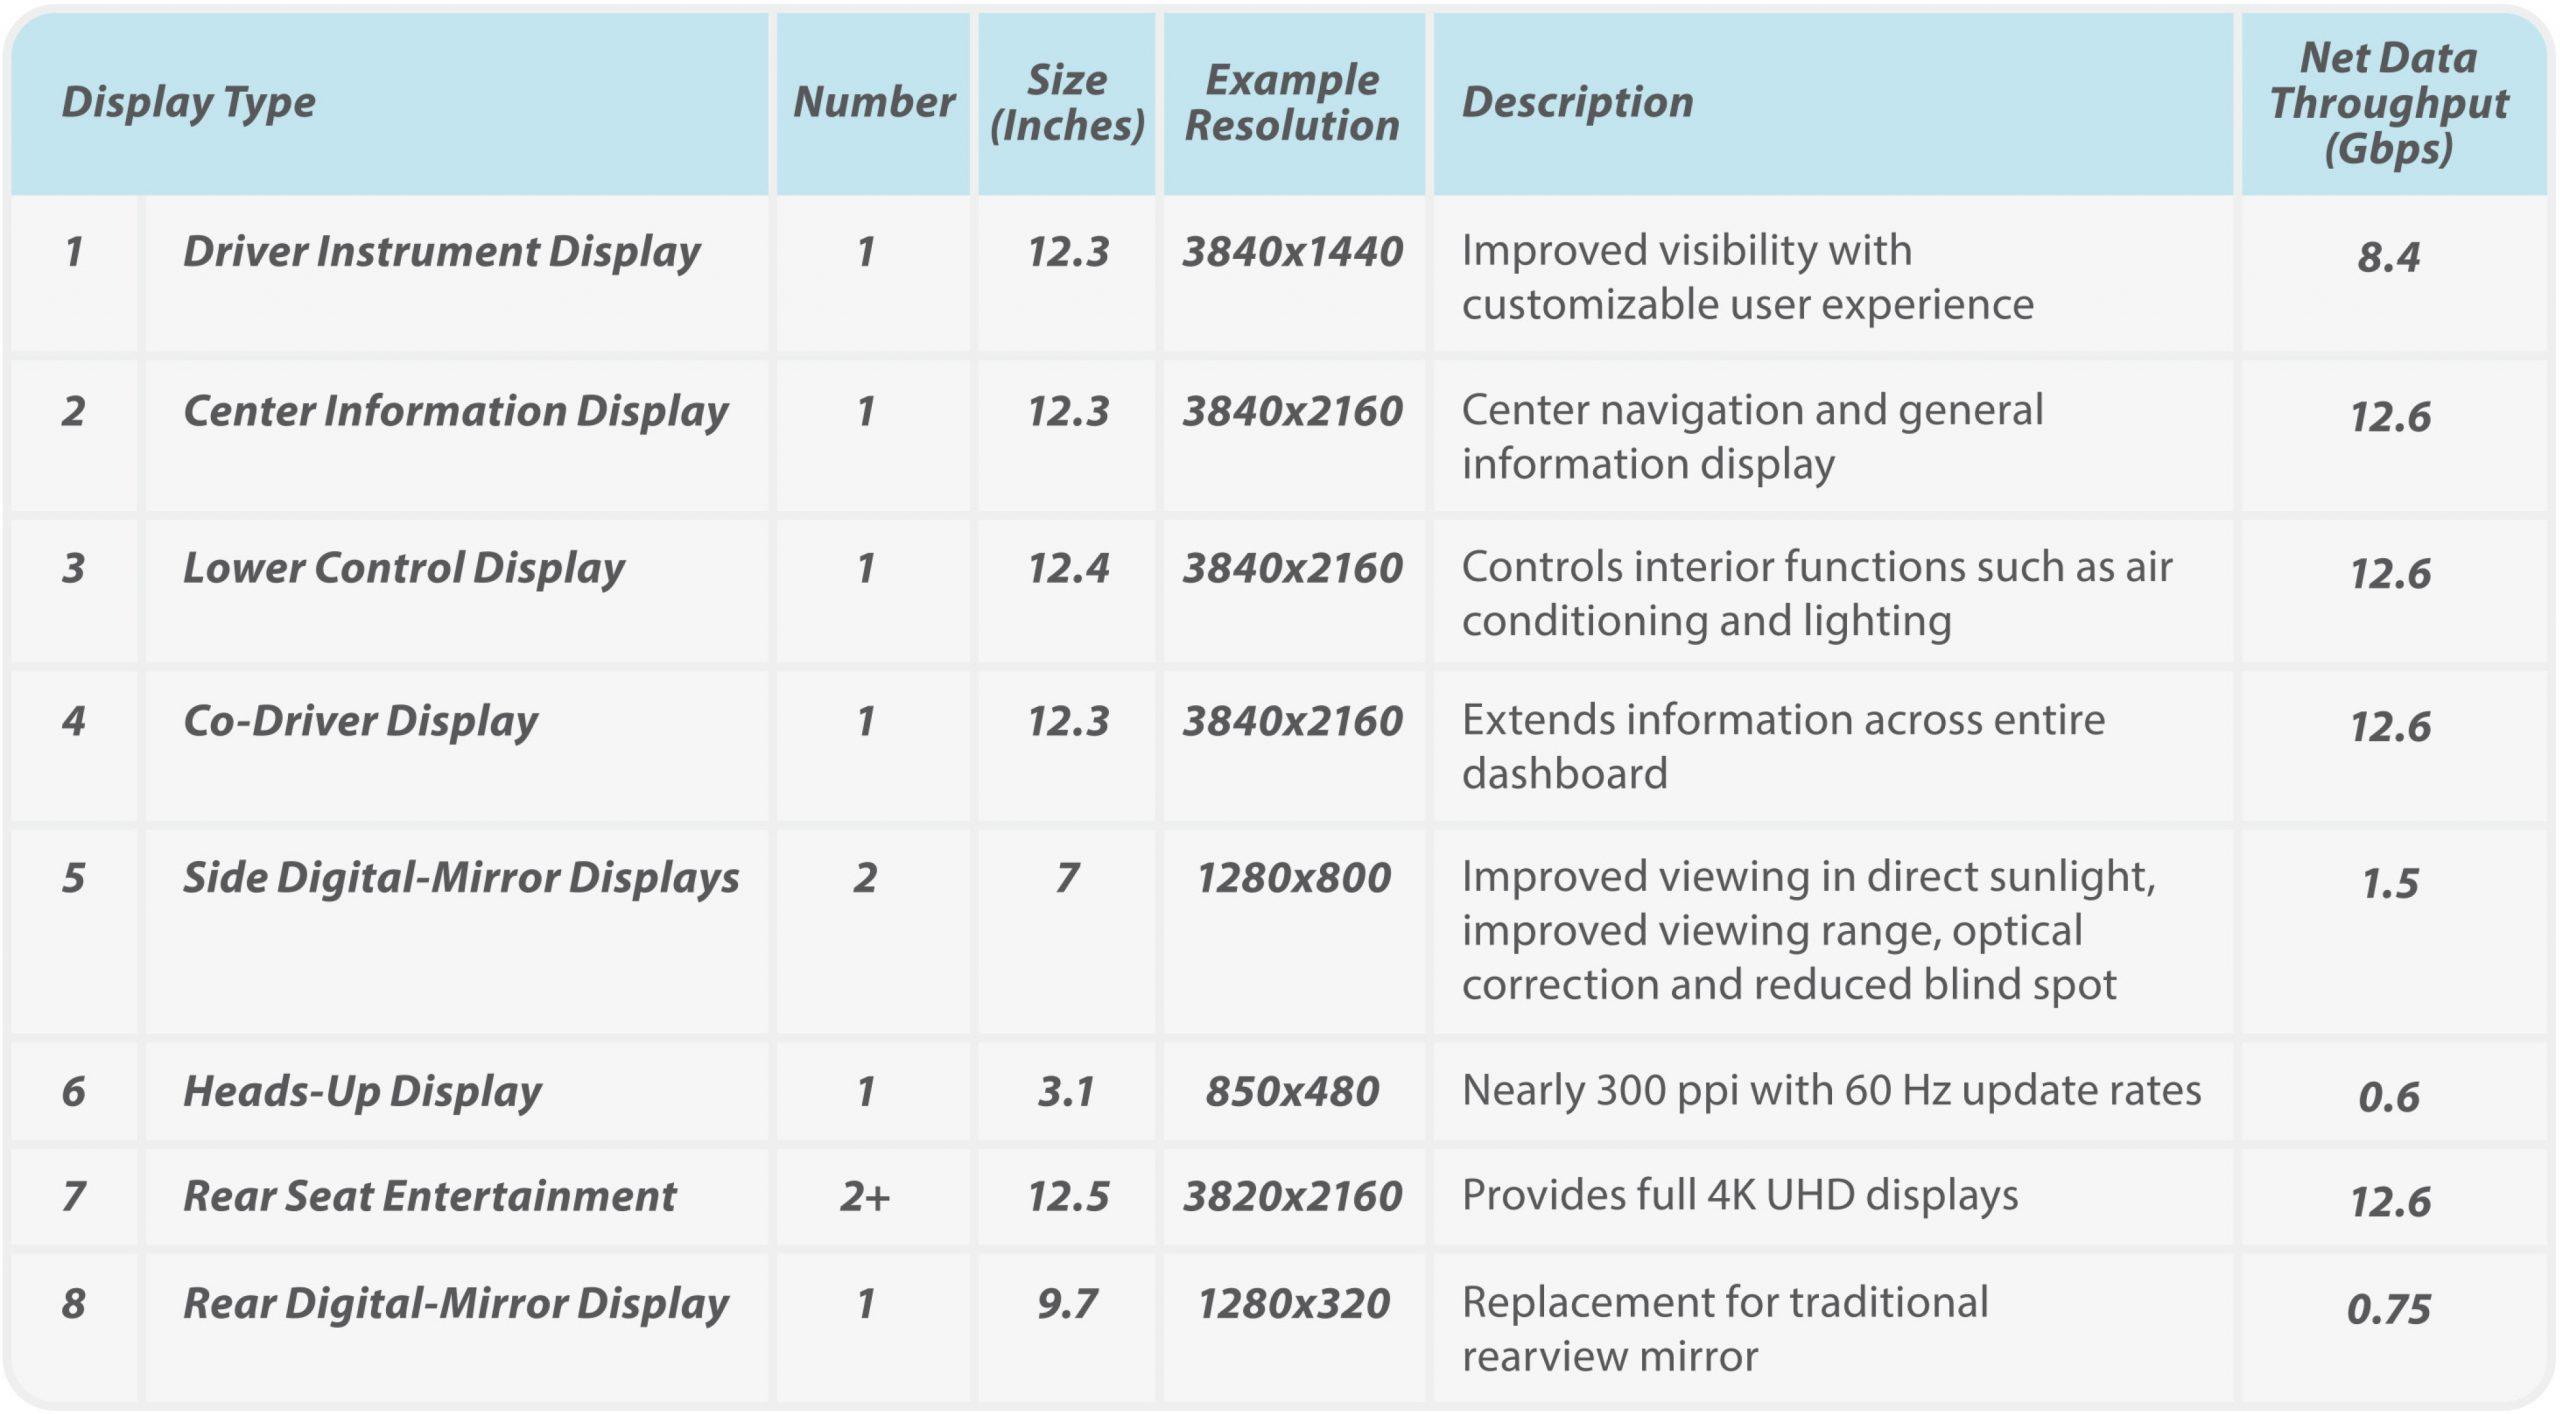 Beispiele für Displaytypen